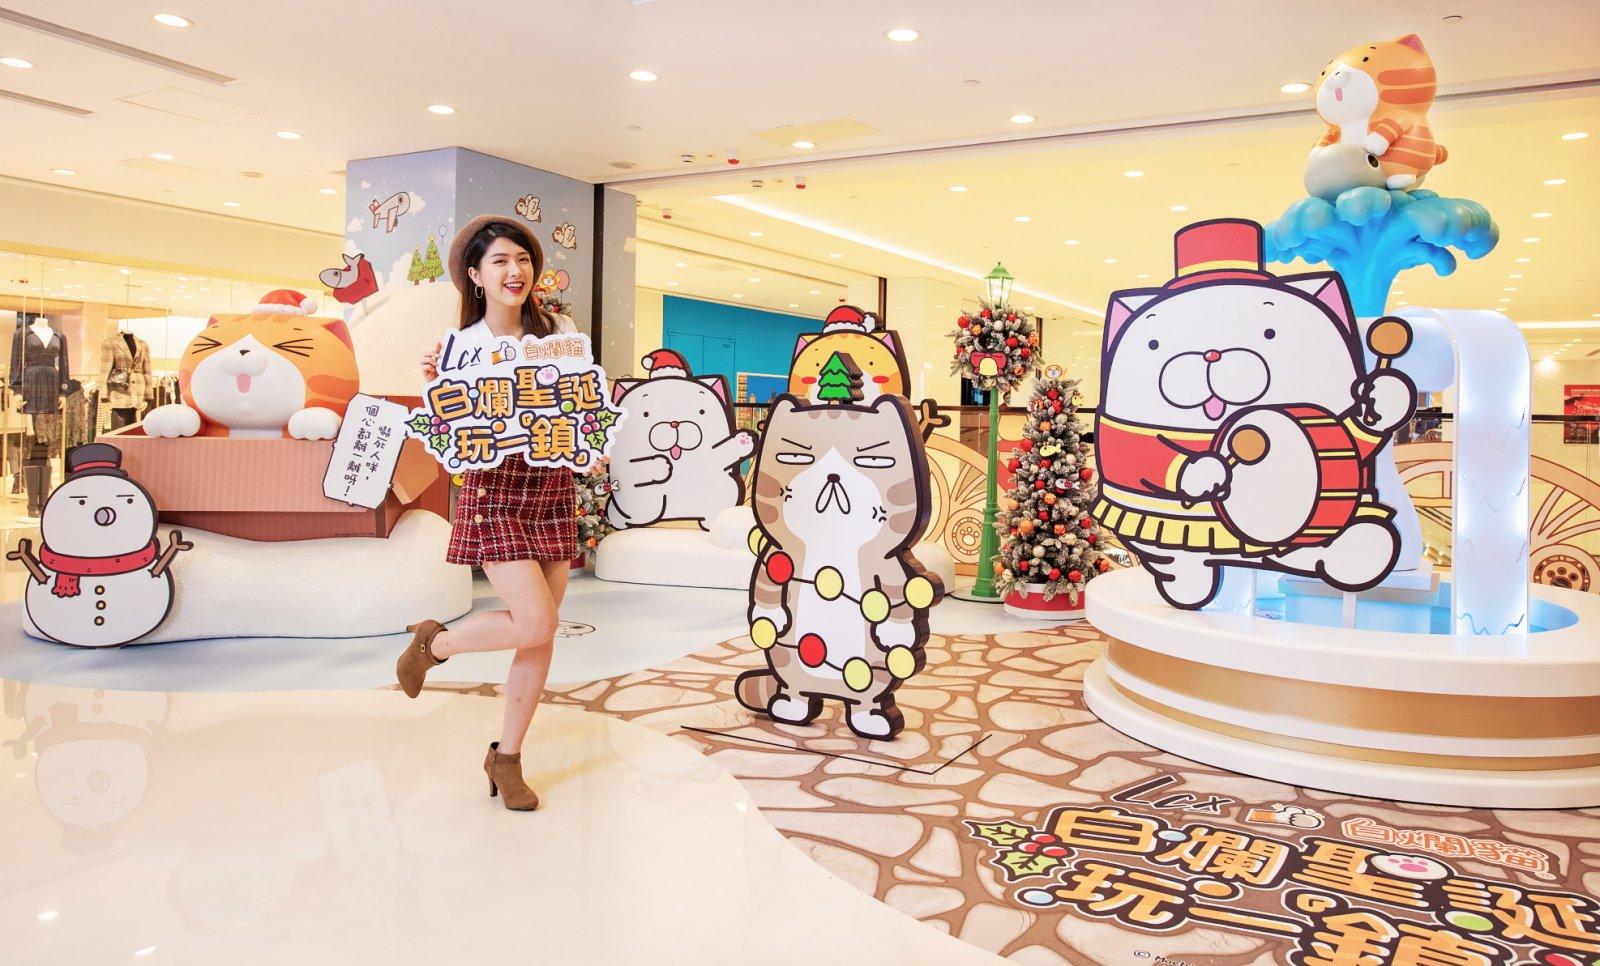 來自台灣的超人氣LINE貼圖角色白爛貓,聯同一眾好友著起聖誕裝束抵達海港城LCX的歐陸小鎮,一解大家久未旅行之苦。5大聖誕打卡位包括「白爛玩一鎮機場」、「白爛噴泉廣埸」、「白爛魔法陣」、「貓式溜冰場」及「白爛博物館」,白爛貓可愛的裝扮加上搞怪的廣東話潮語,與大家度過百厭好玩的聖誕! (主辦方供圖)